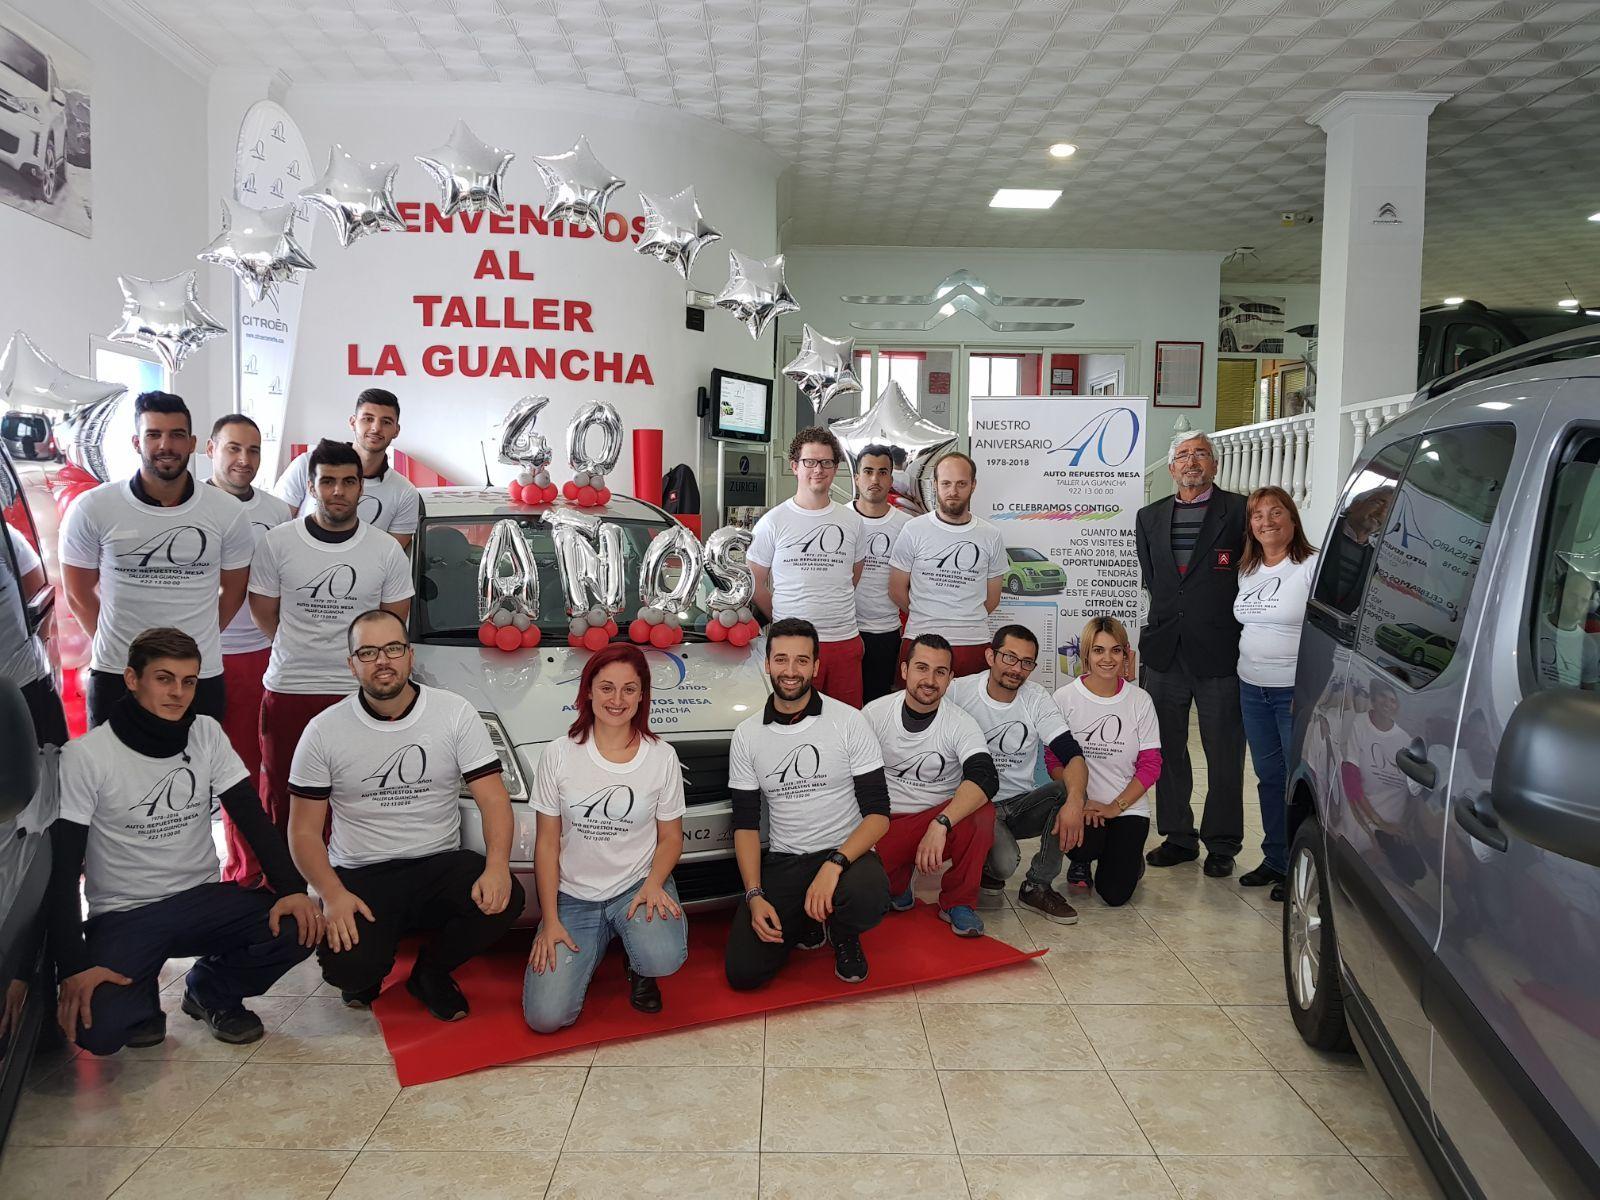 Equipo al completo Taller La Guancha, gracias a los miles de clientes que nos han visitado en estos 40 años !!